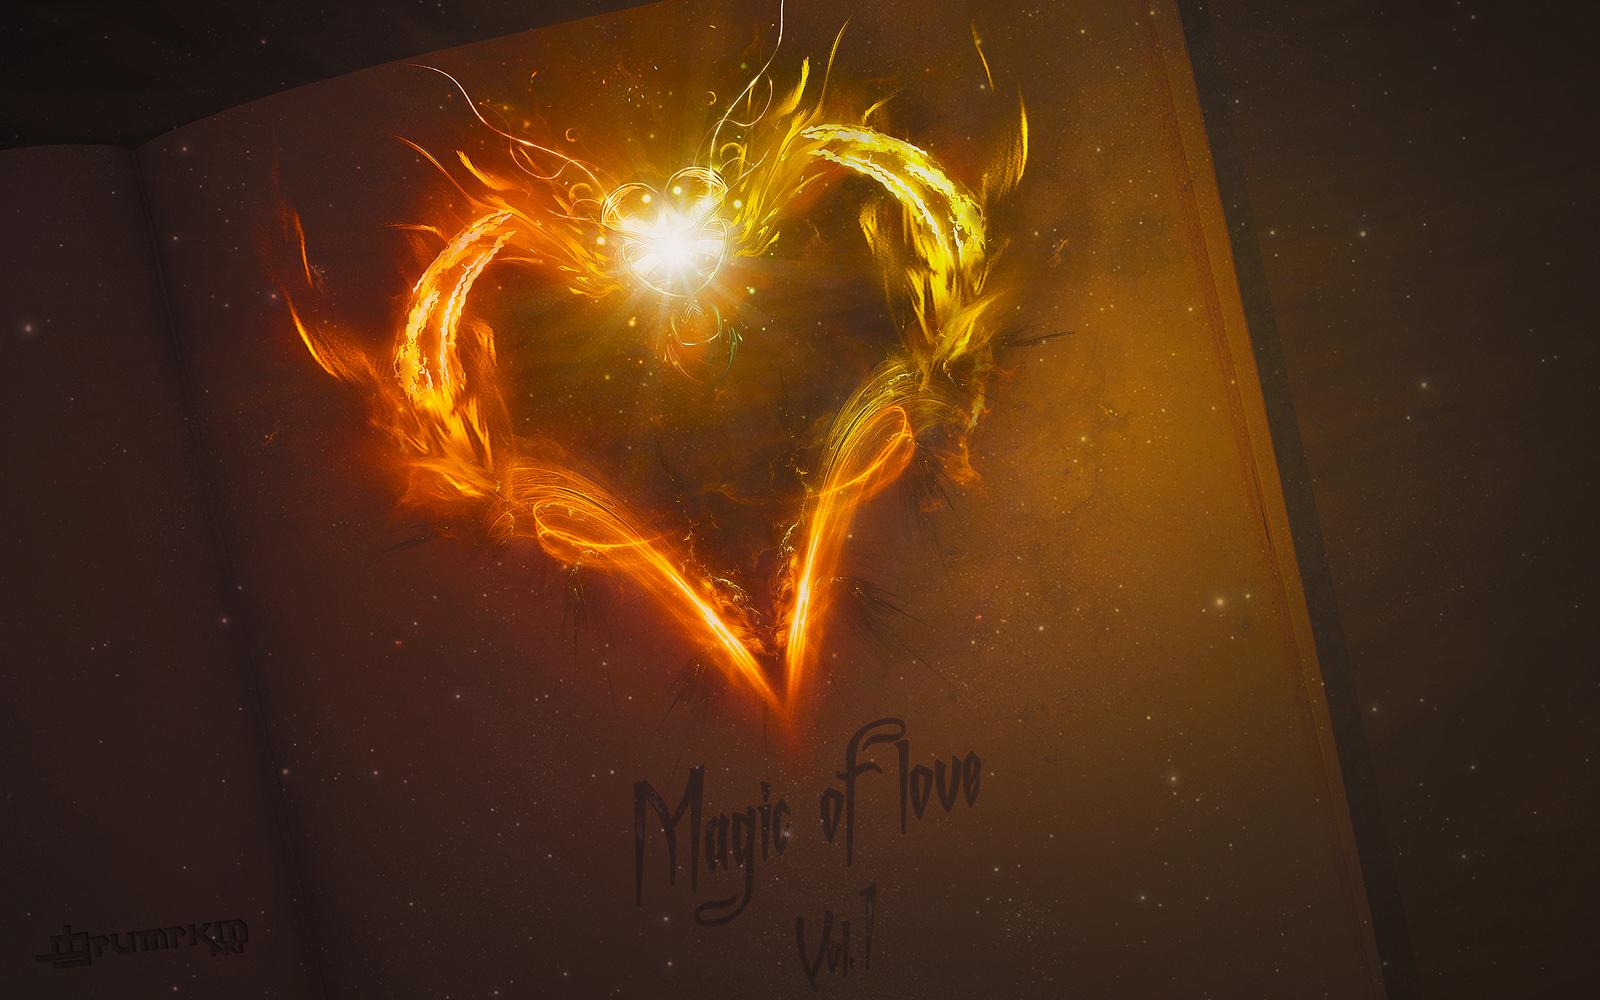 Love in magic